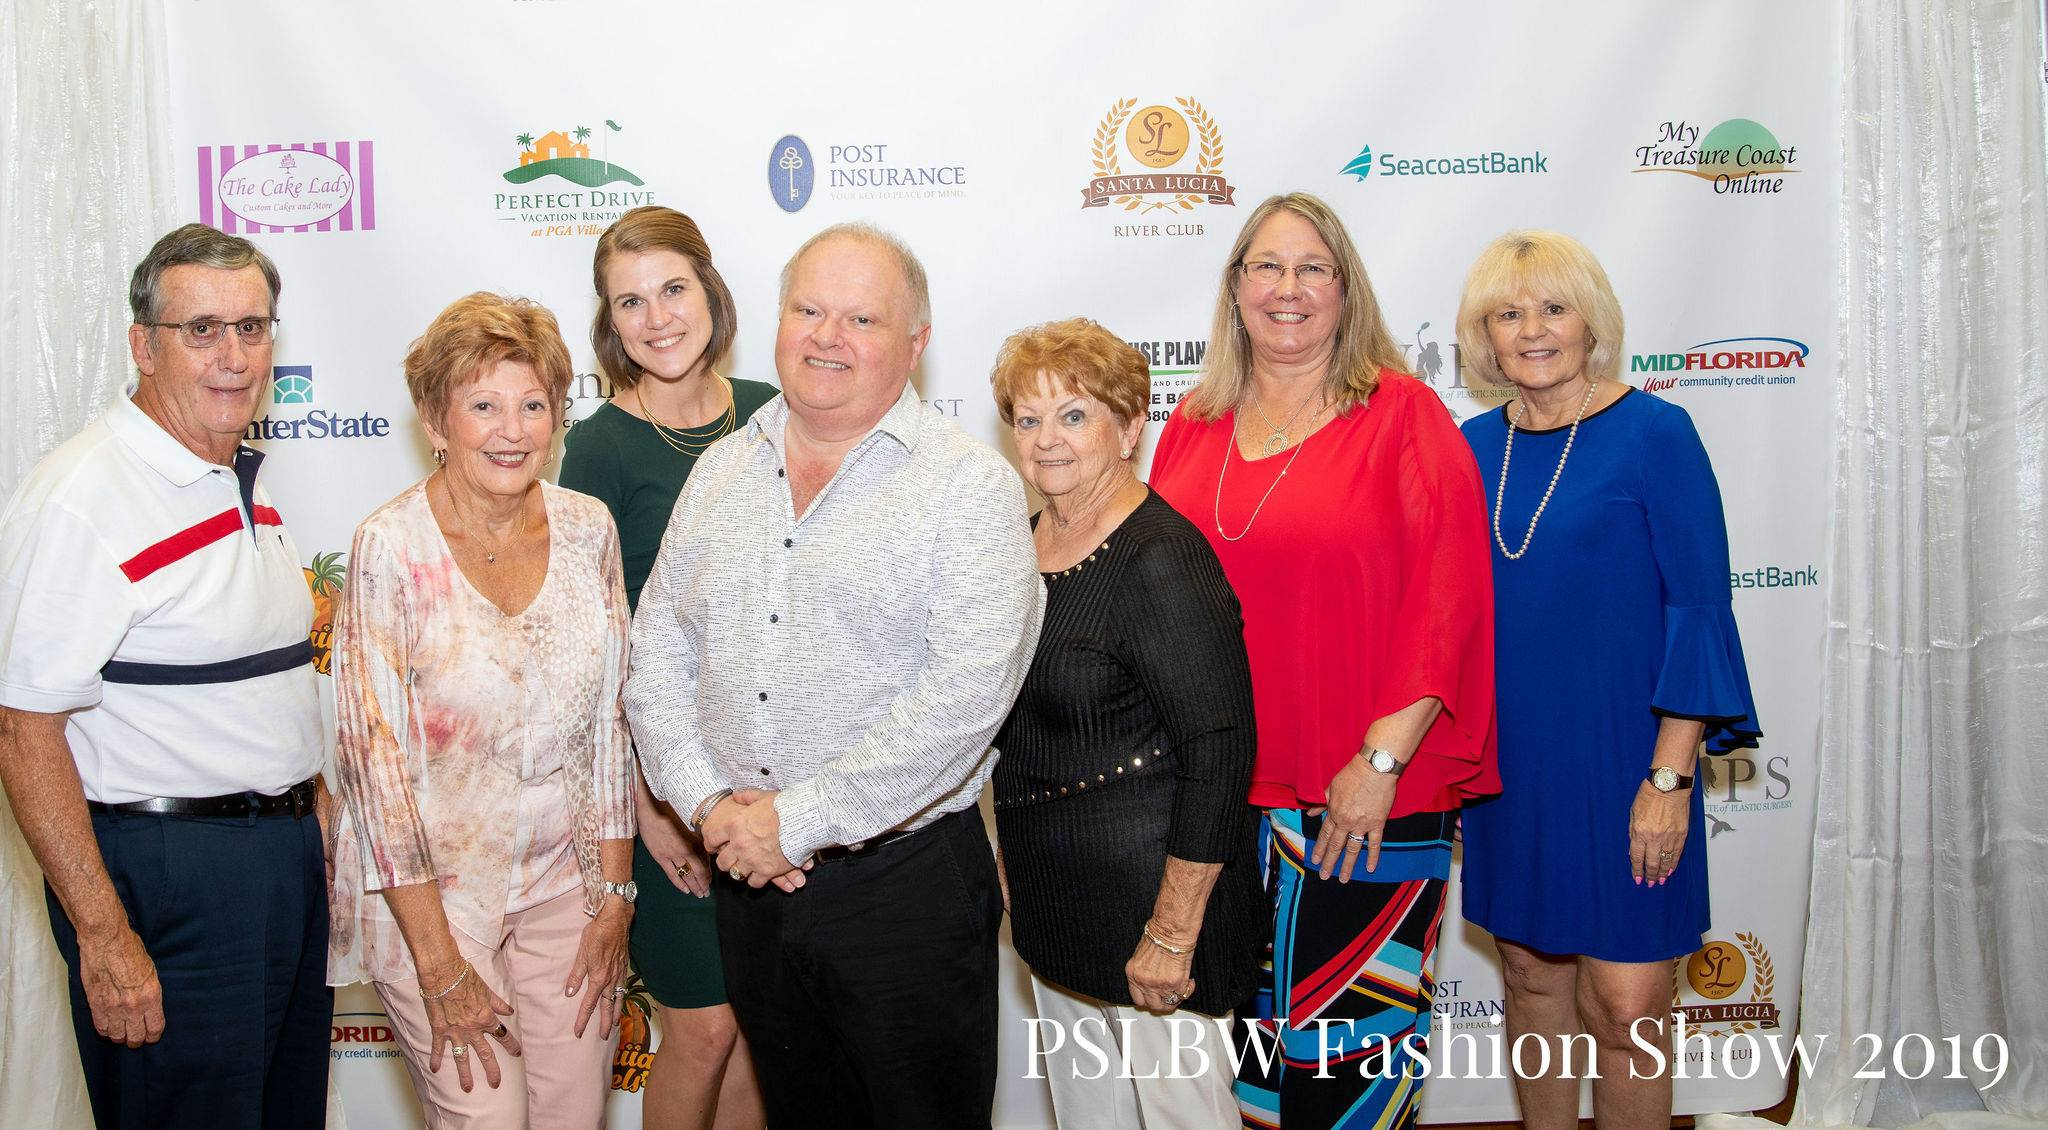 2019 slbw fashion show